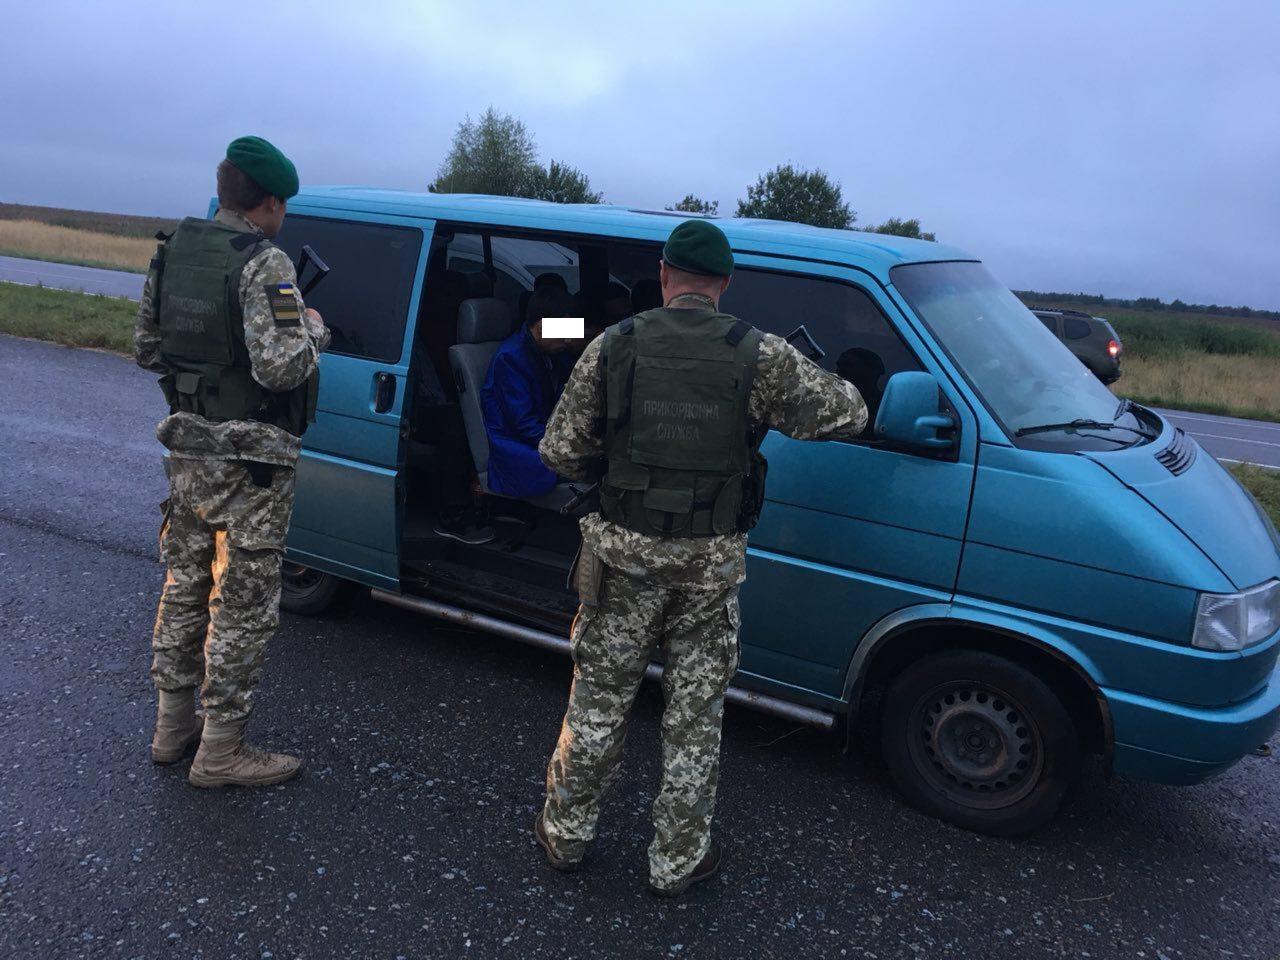 Українець перевозив семеро громадян Бангладеш без документів через Волинь в ЄС